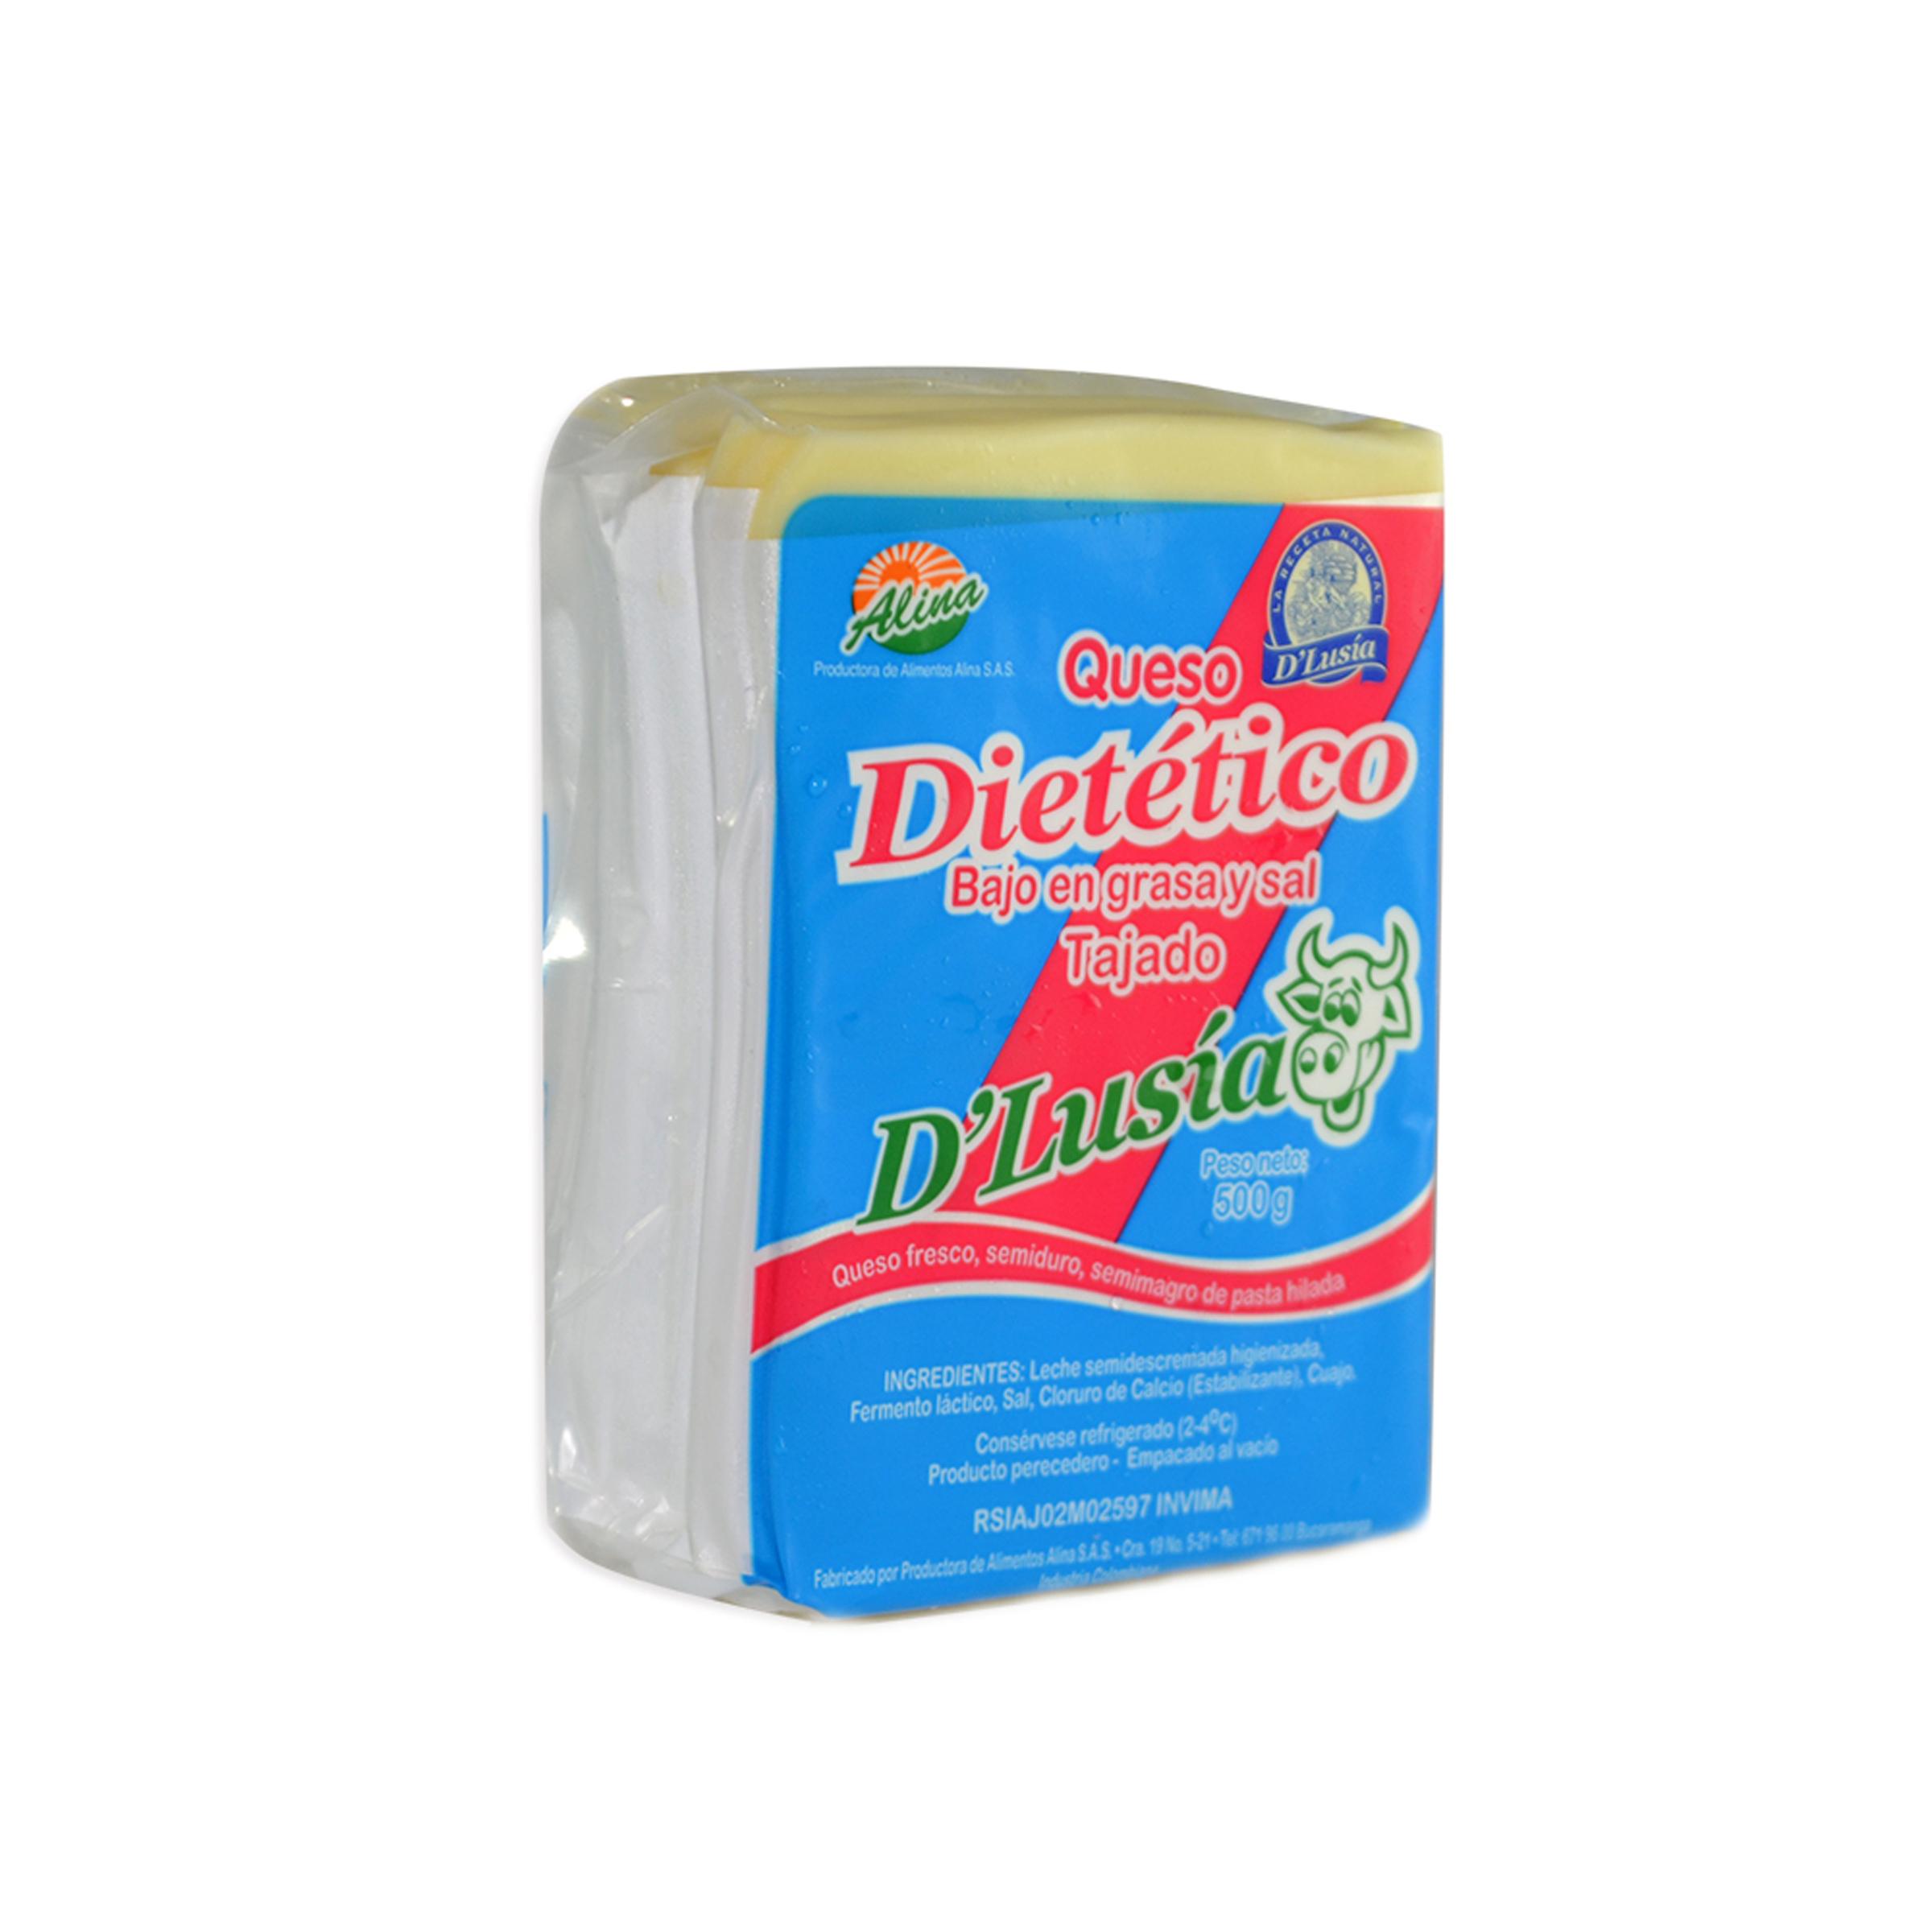 Queso d Lusia Dietetico Tajado 500g